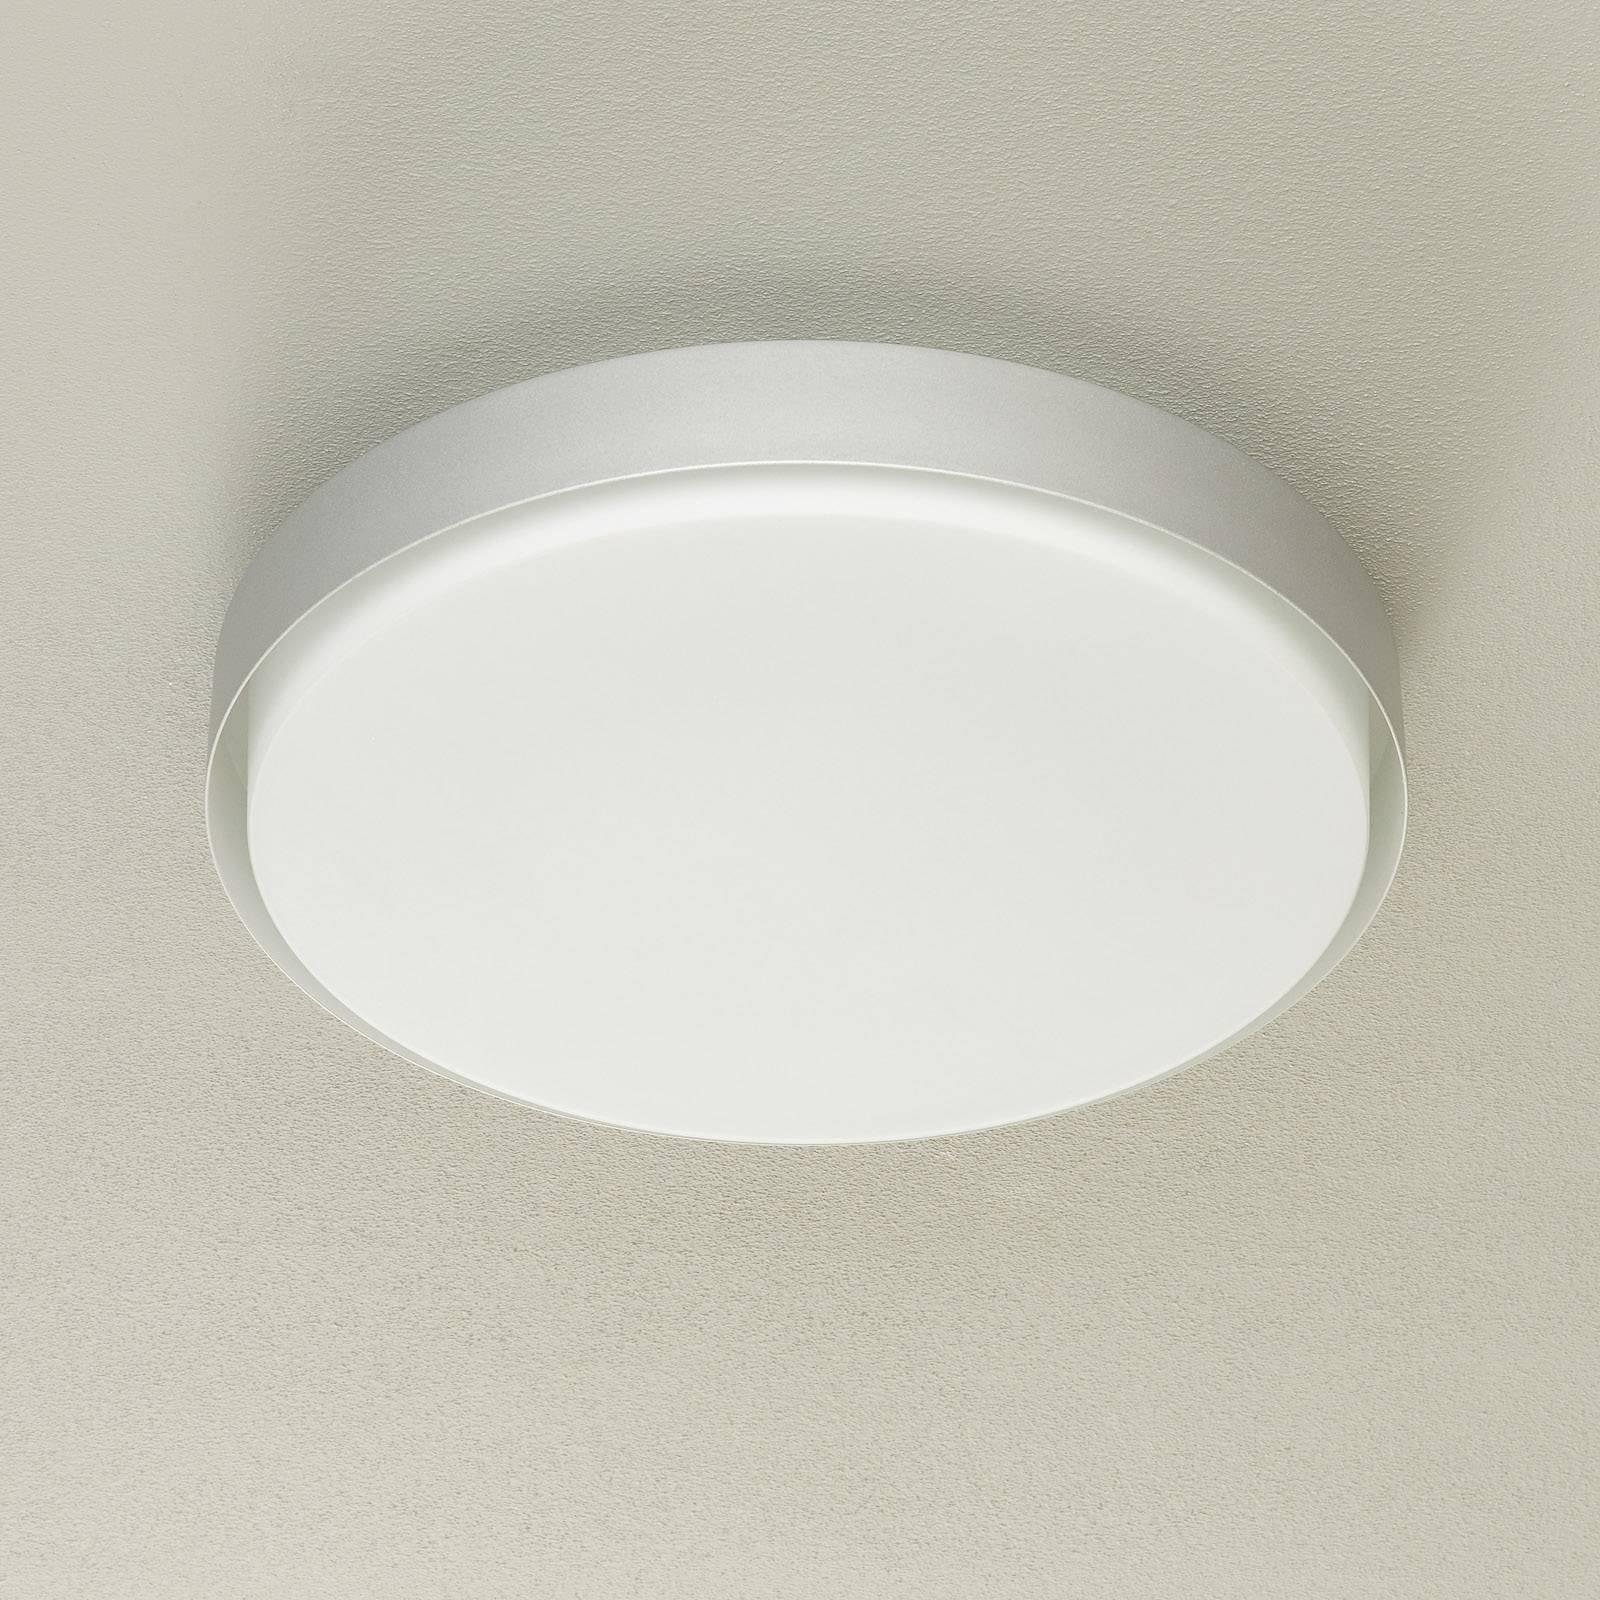 BEGA 12165 LED-taklampe, alu, Ø 50 cm, DALI